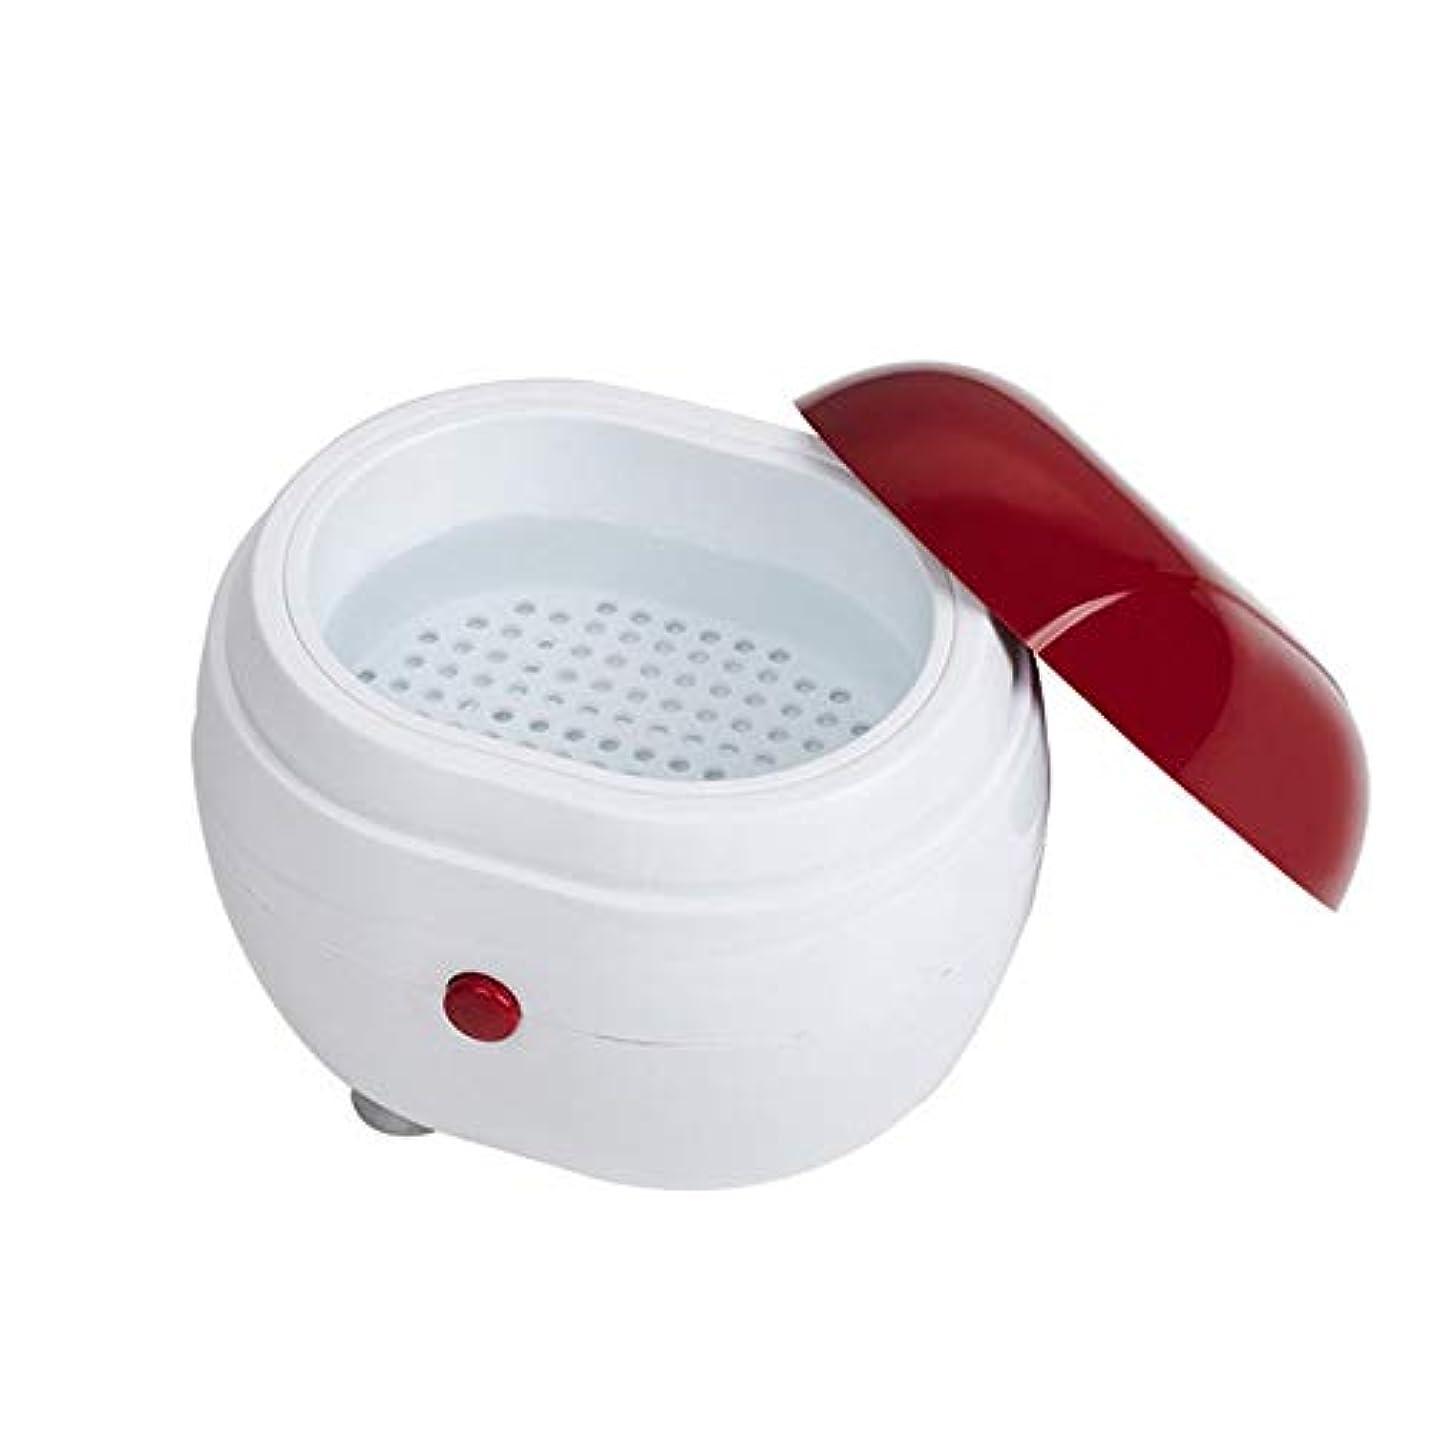 傾向がある国内のプールポータブル超音波洗濯機家庭用ジュエリーレンズ時計入れ歯クリーニング機洗濯機クリーナークリーニングボックス - 赤&白